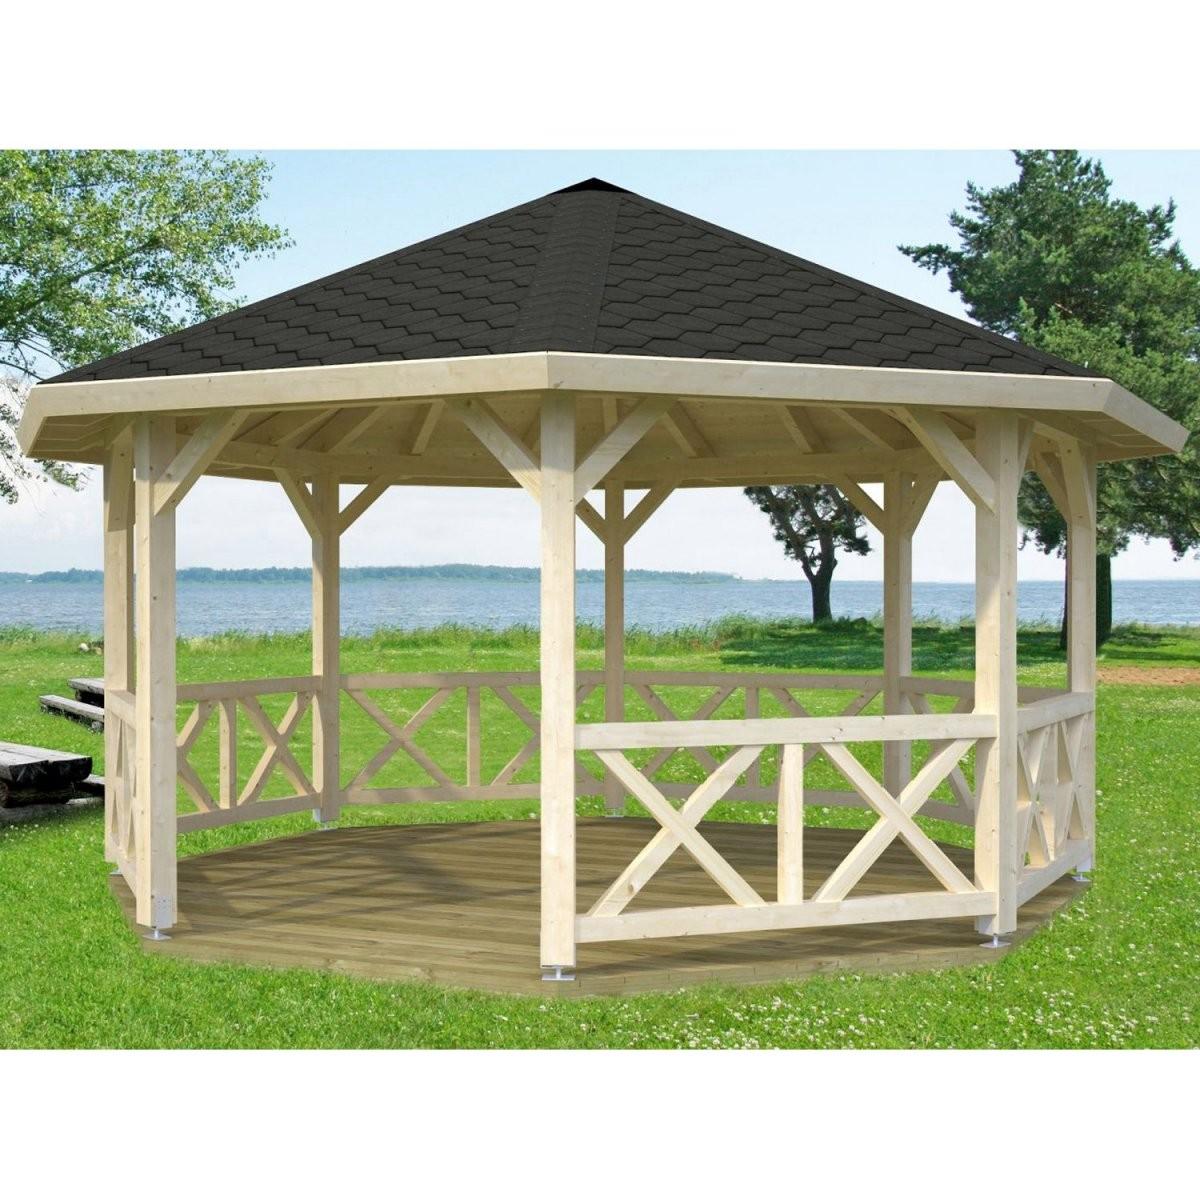 Gartenlauben  Holzpavillons Online Kaufen Bei Obi  Obi von Holz Pavillon Bausatz Günstig Photo